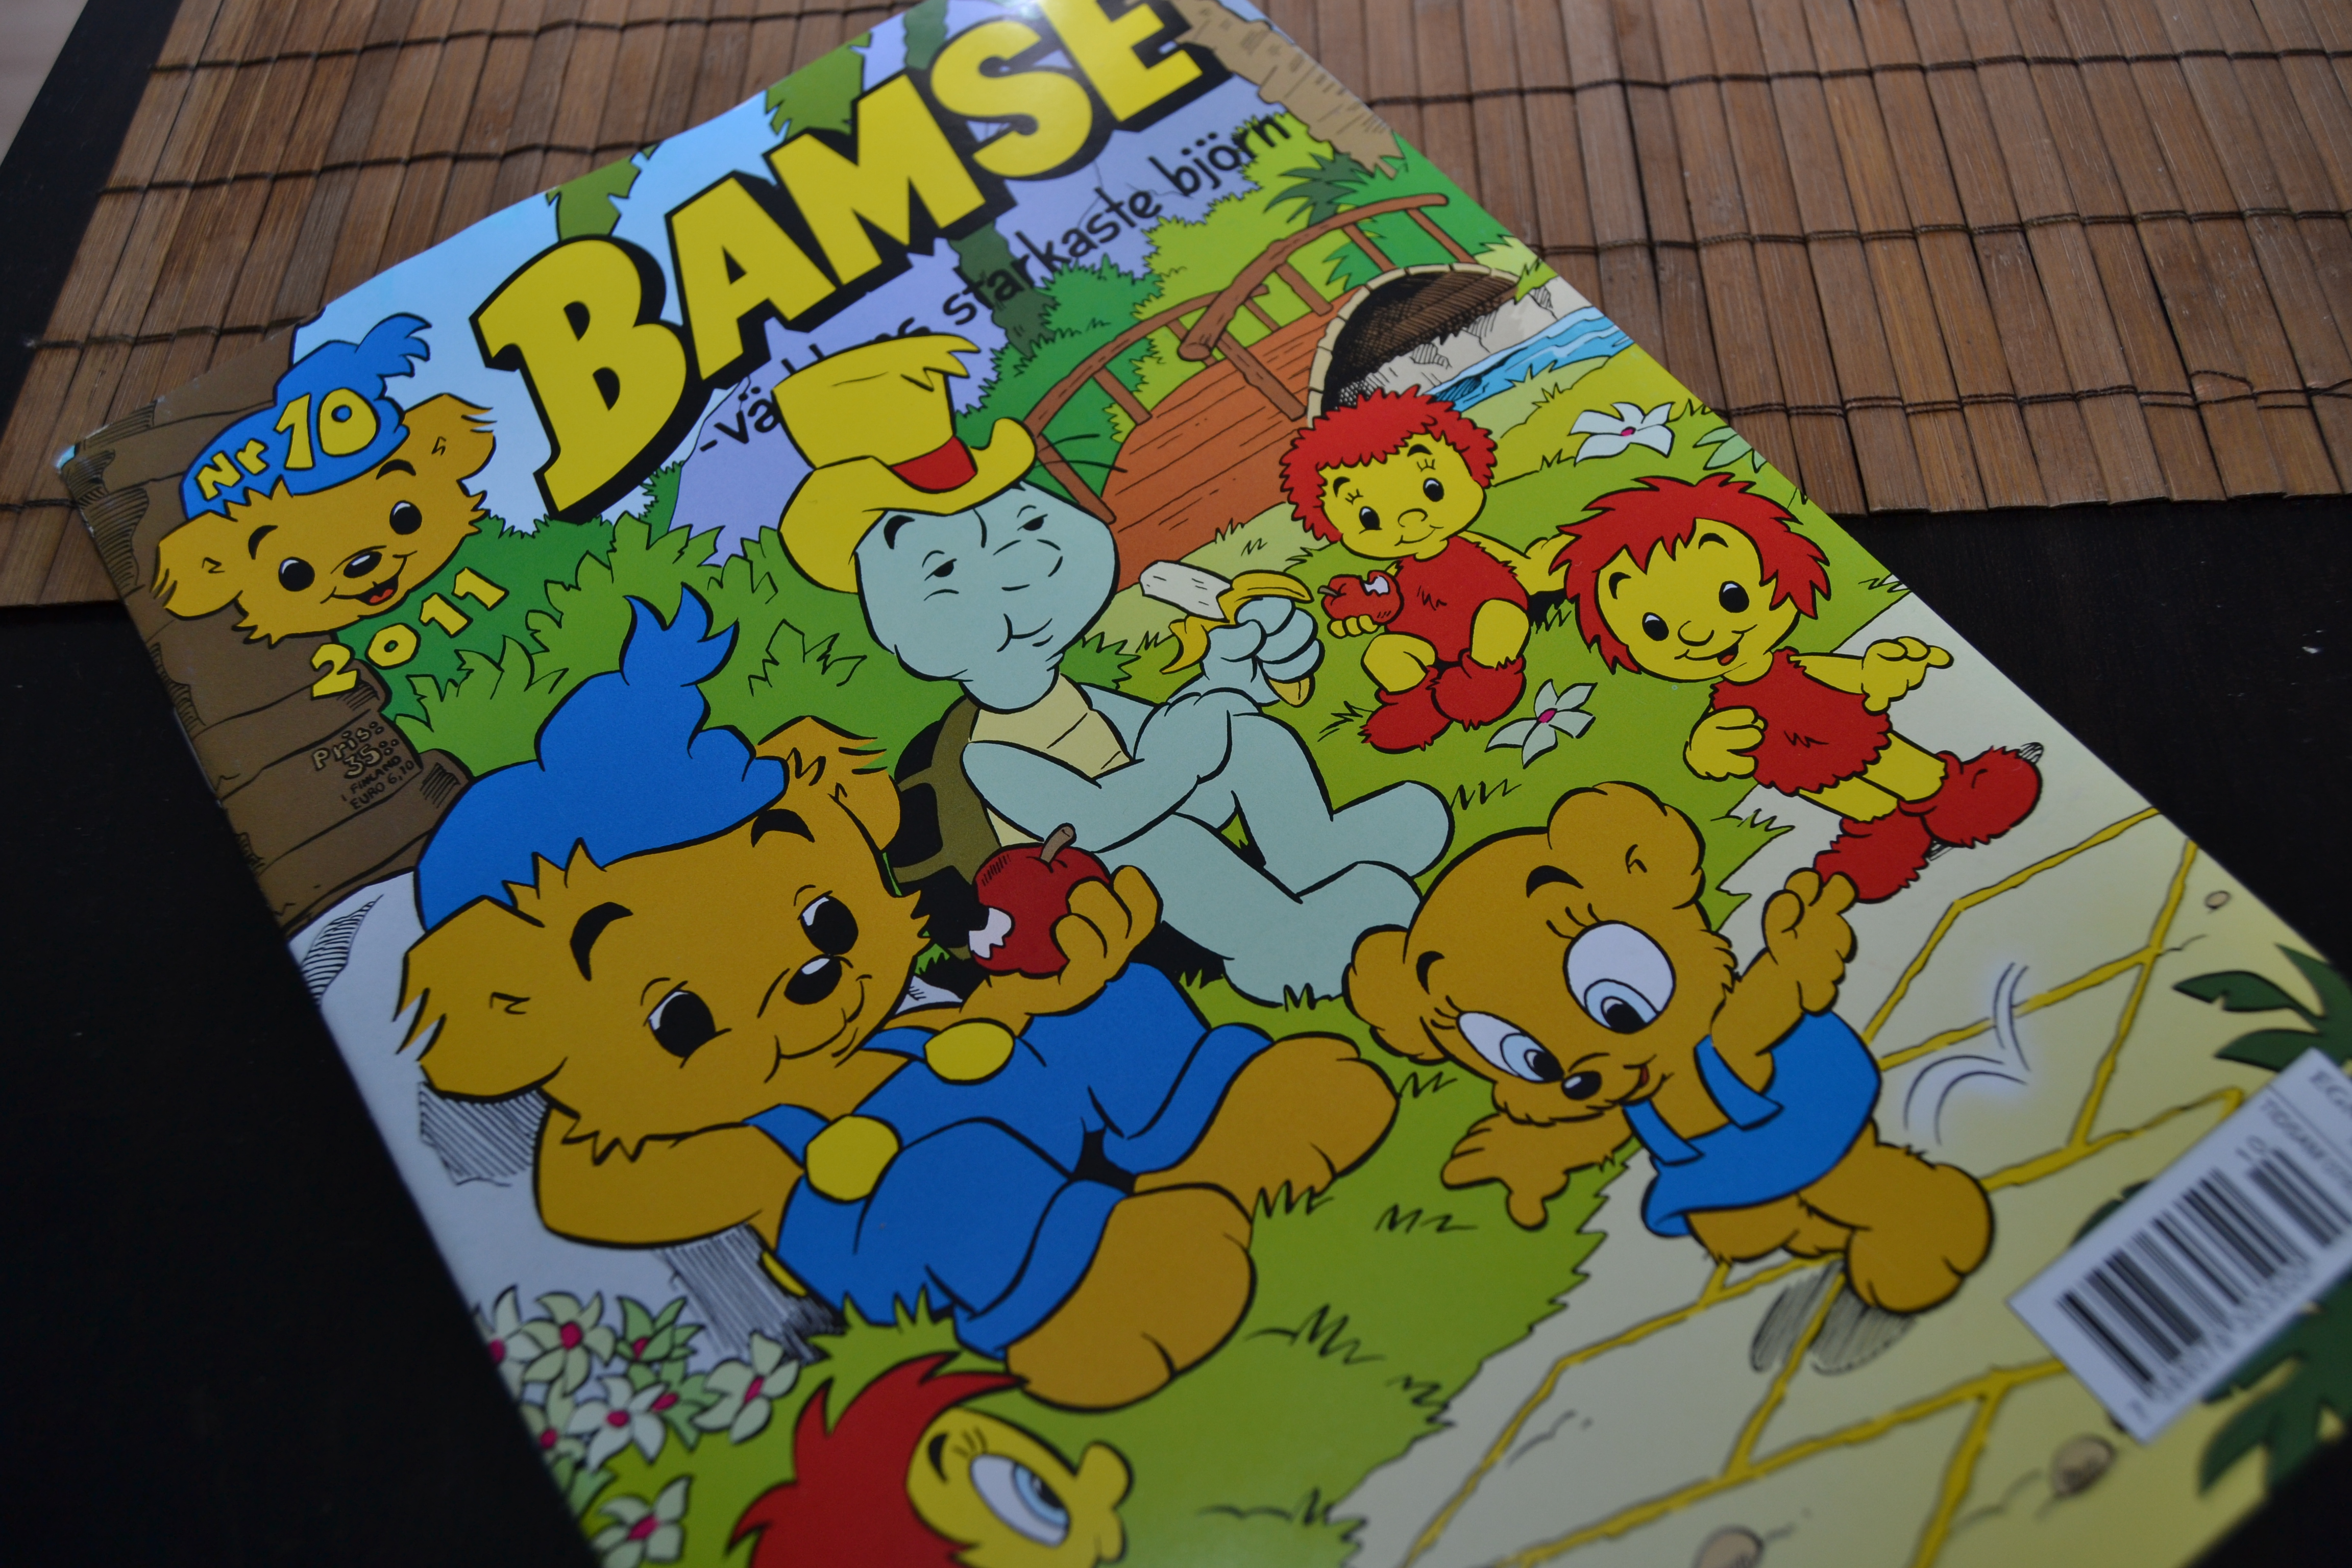 kolmården bamse tävling